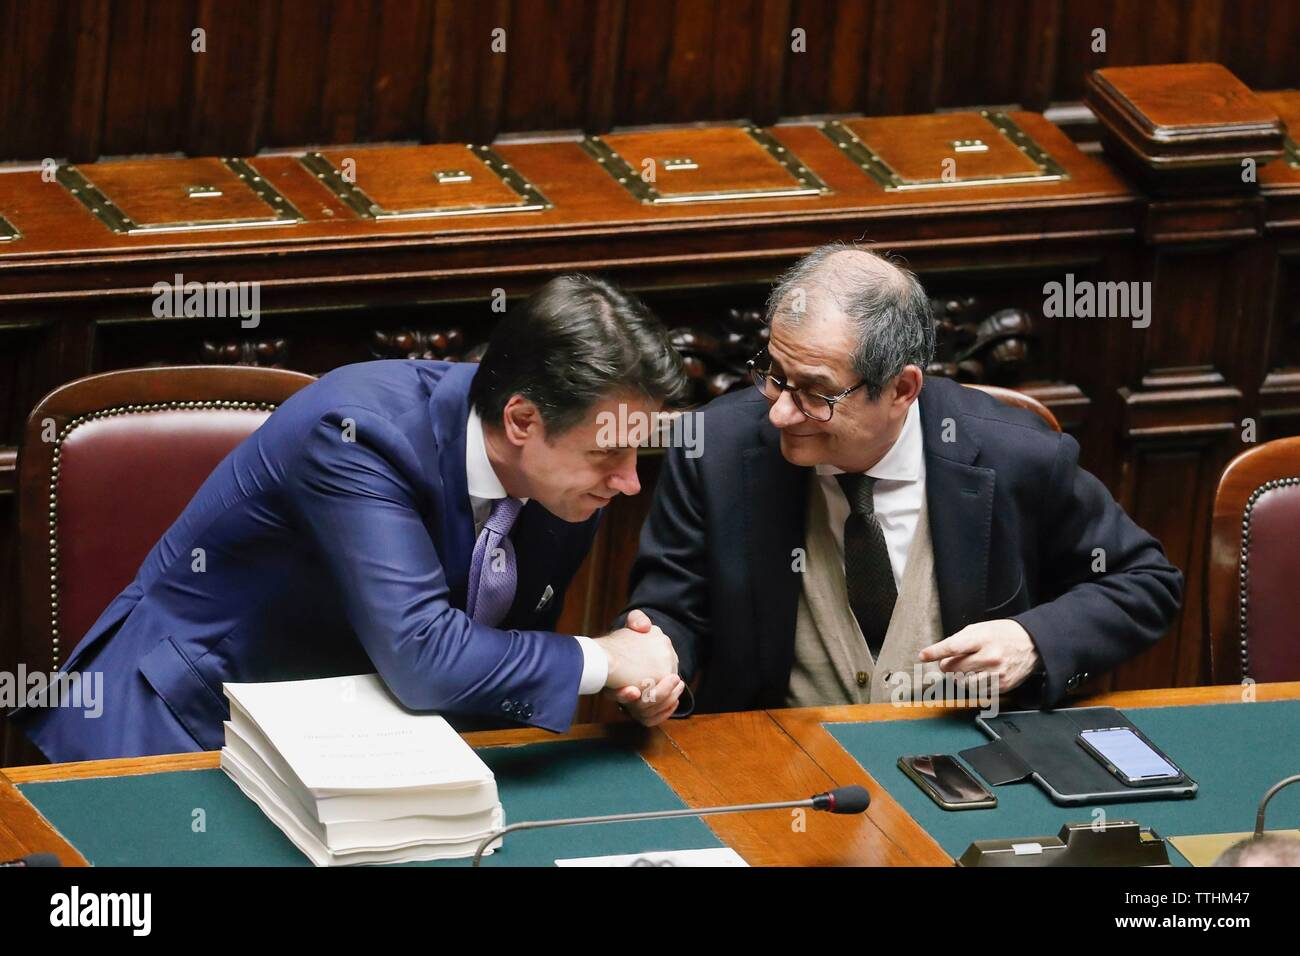 Ministerpräsident Giuseppe Conte und Wirtschaftsminister Giovanni Tria in der Sitzung in der Kammer beteiligen, bei der Vertrauensabstimmung über die Finanzielle Stockbild